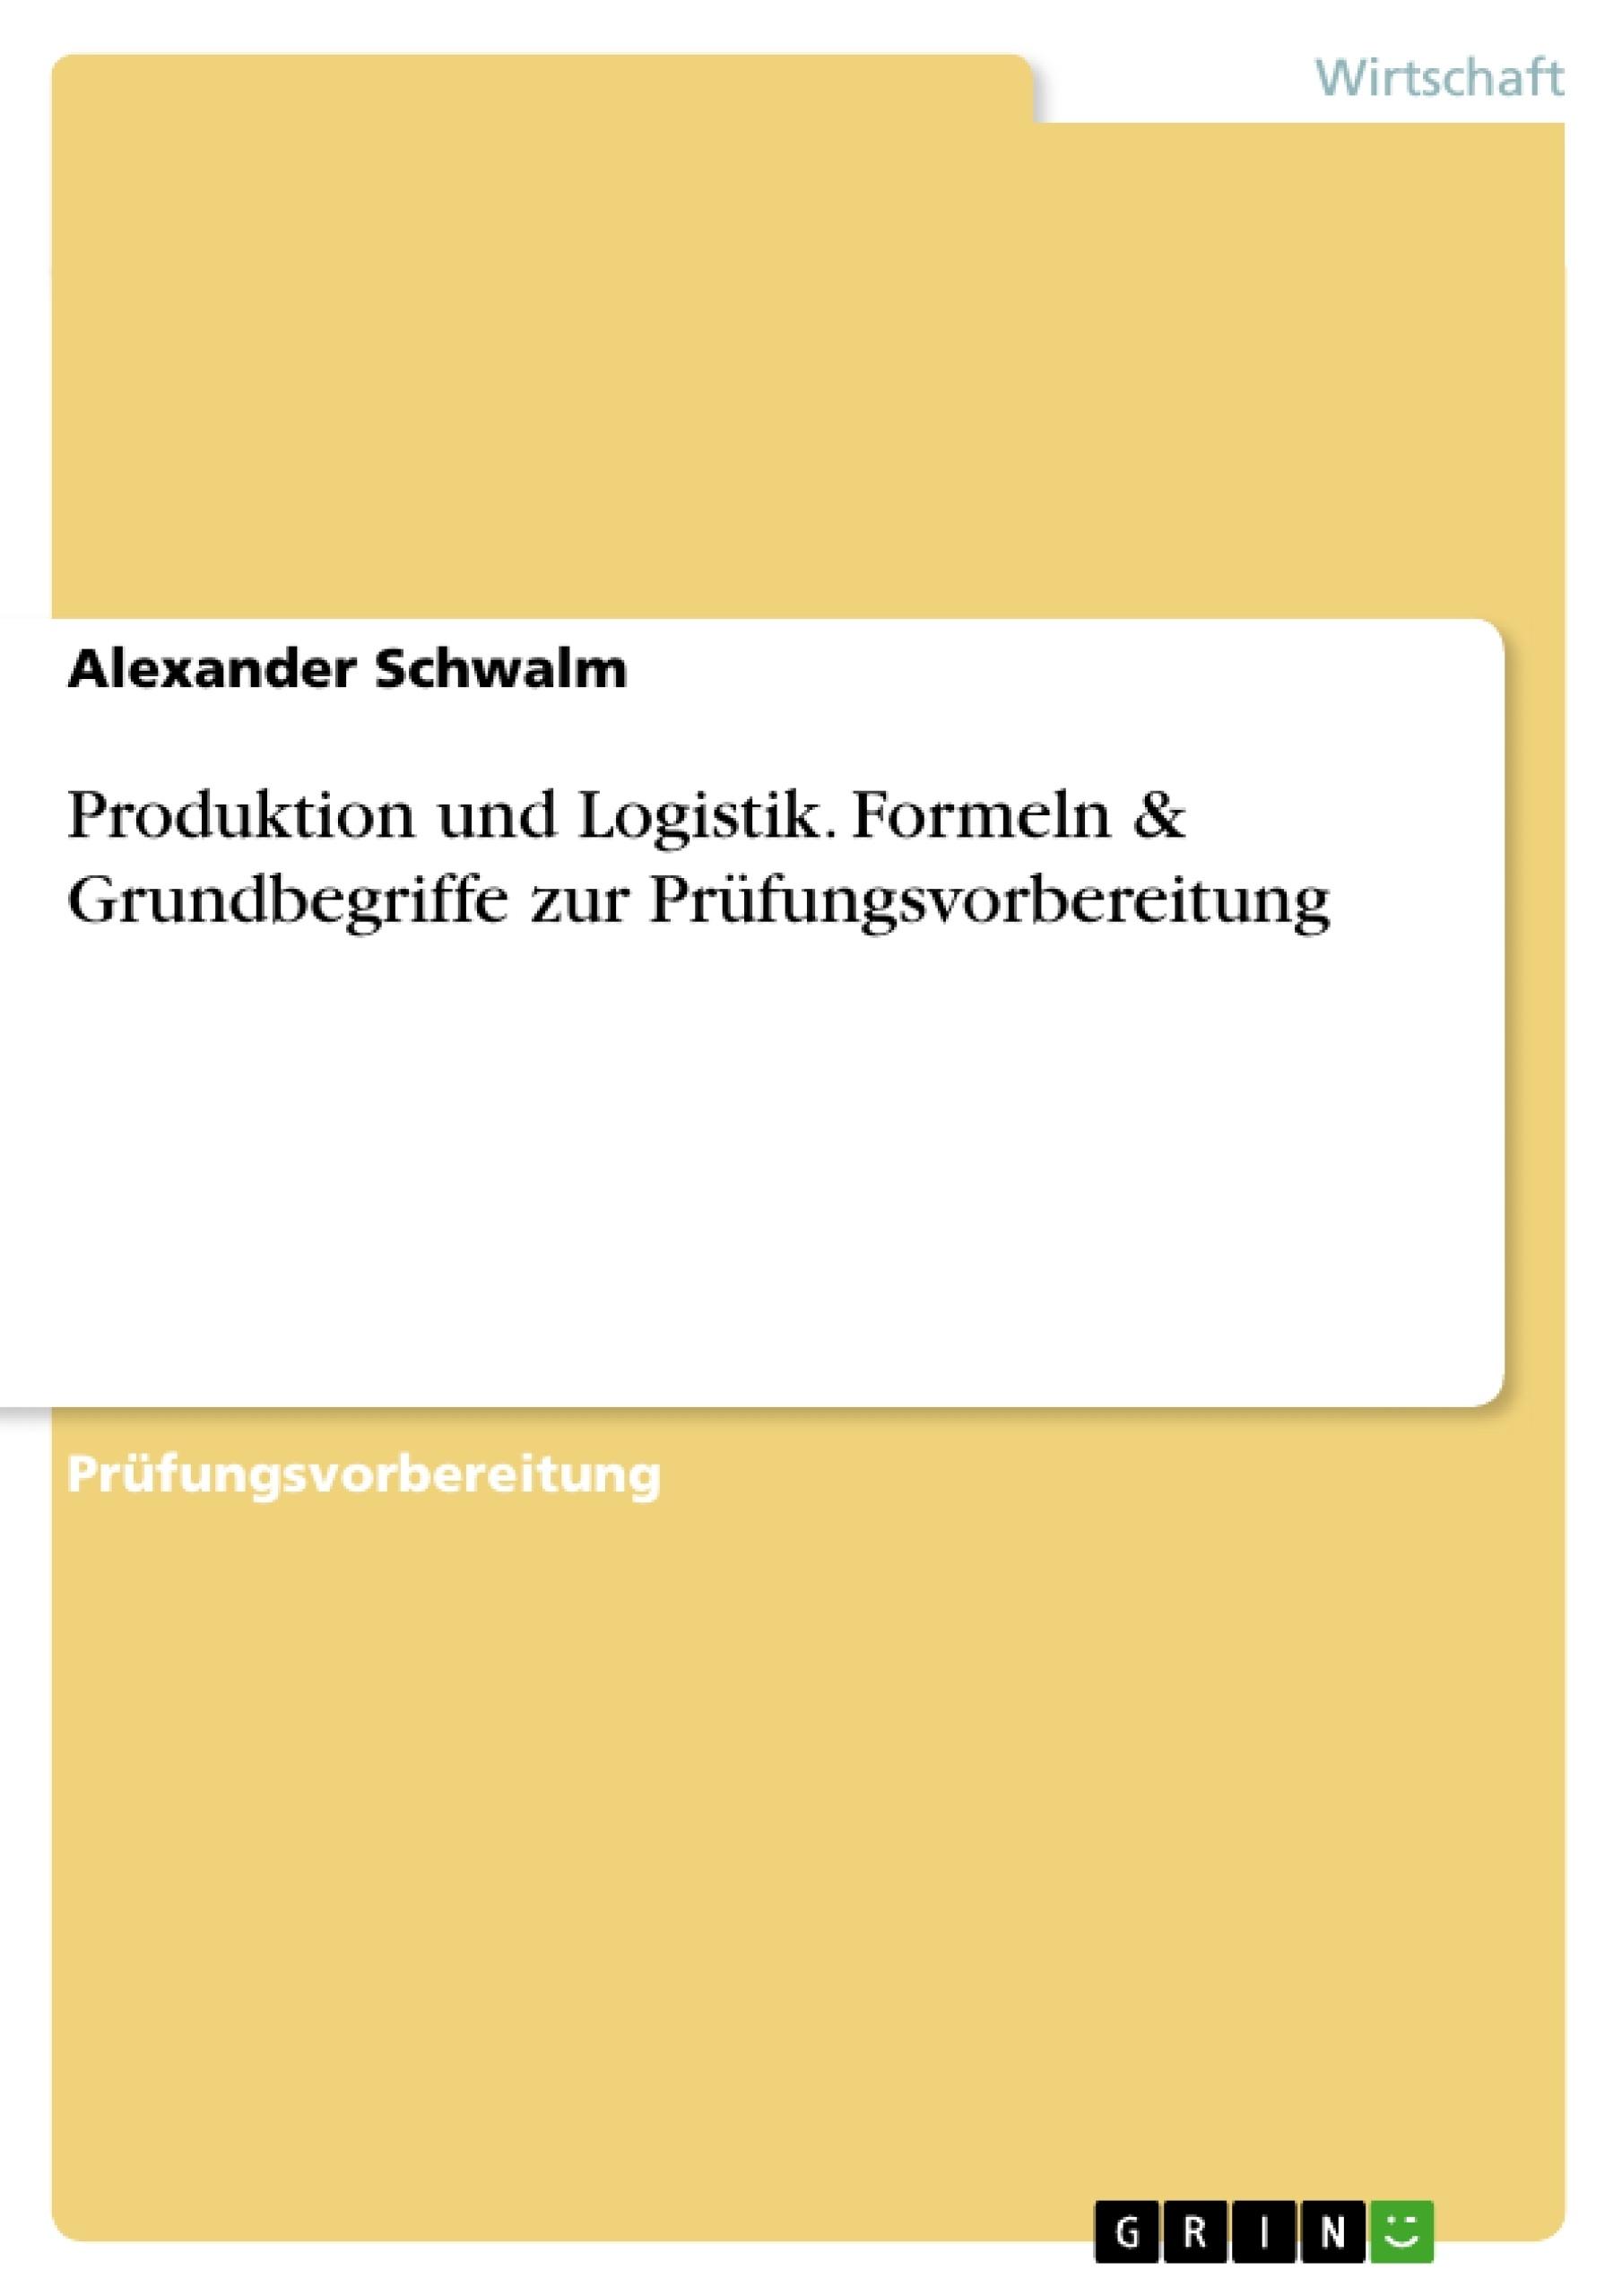 Titel: Produktion und Logistik. Formeln & Grundbegriffe zur Prüfungsvorbereitung